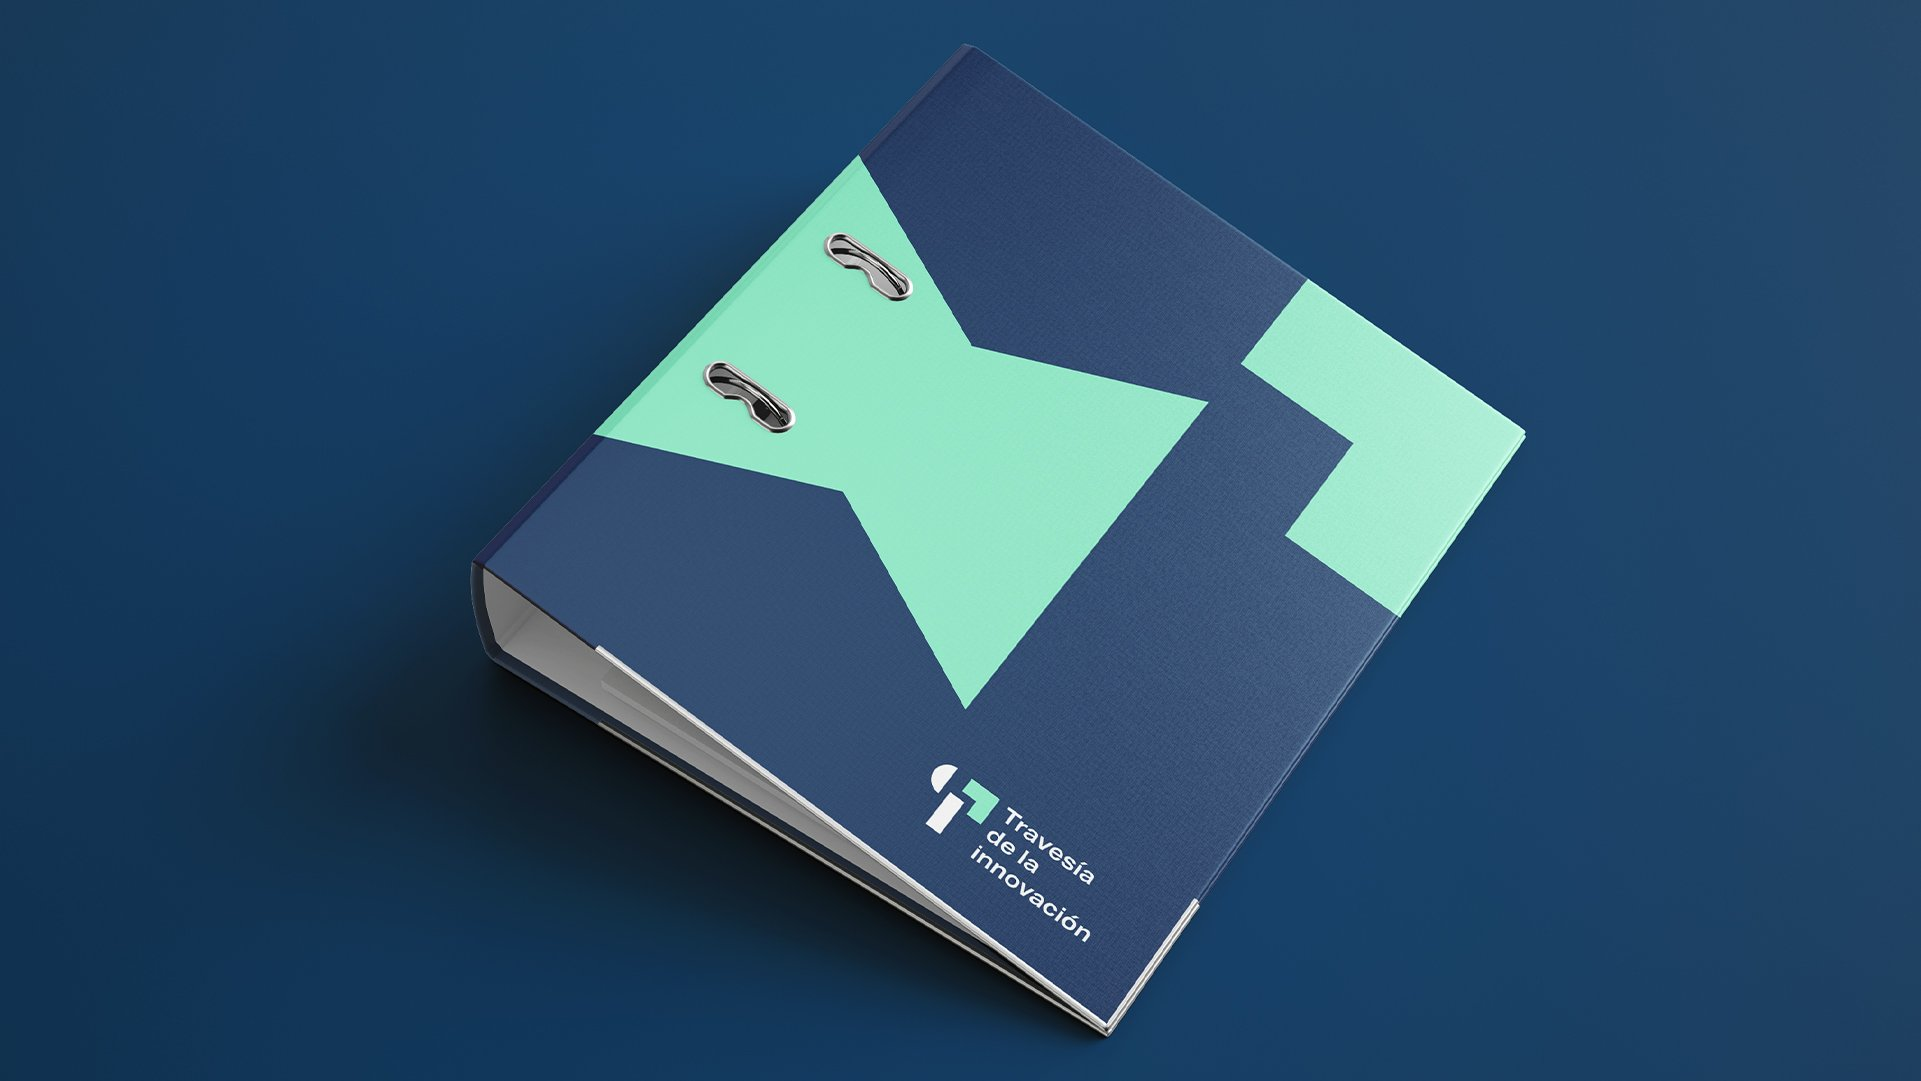 Carpeta-Identidad-marca-Puerto-Algeciras-Travesia-innovacion